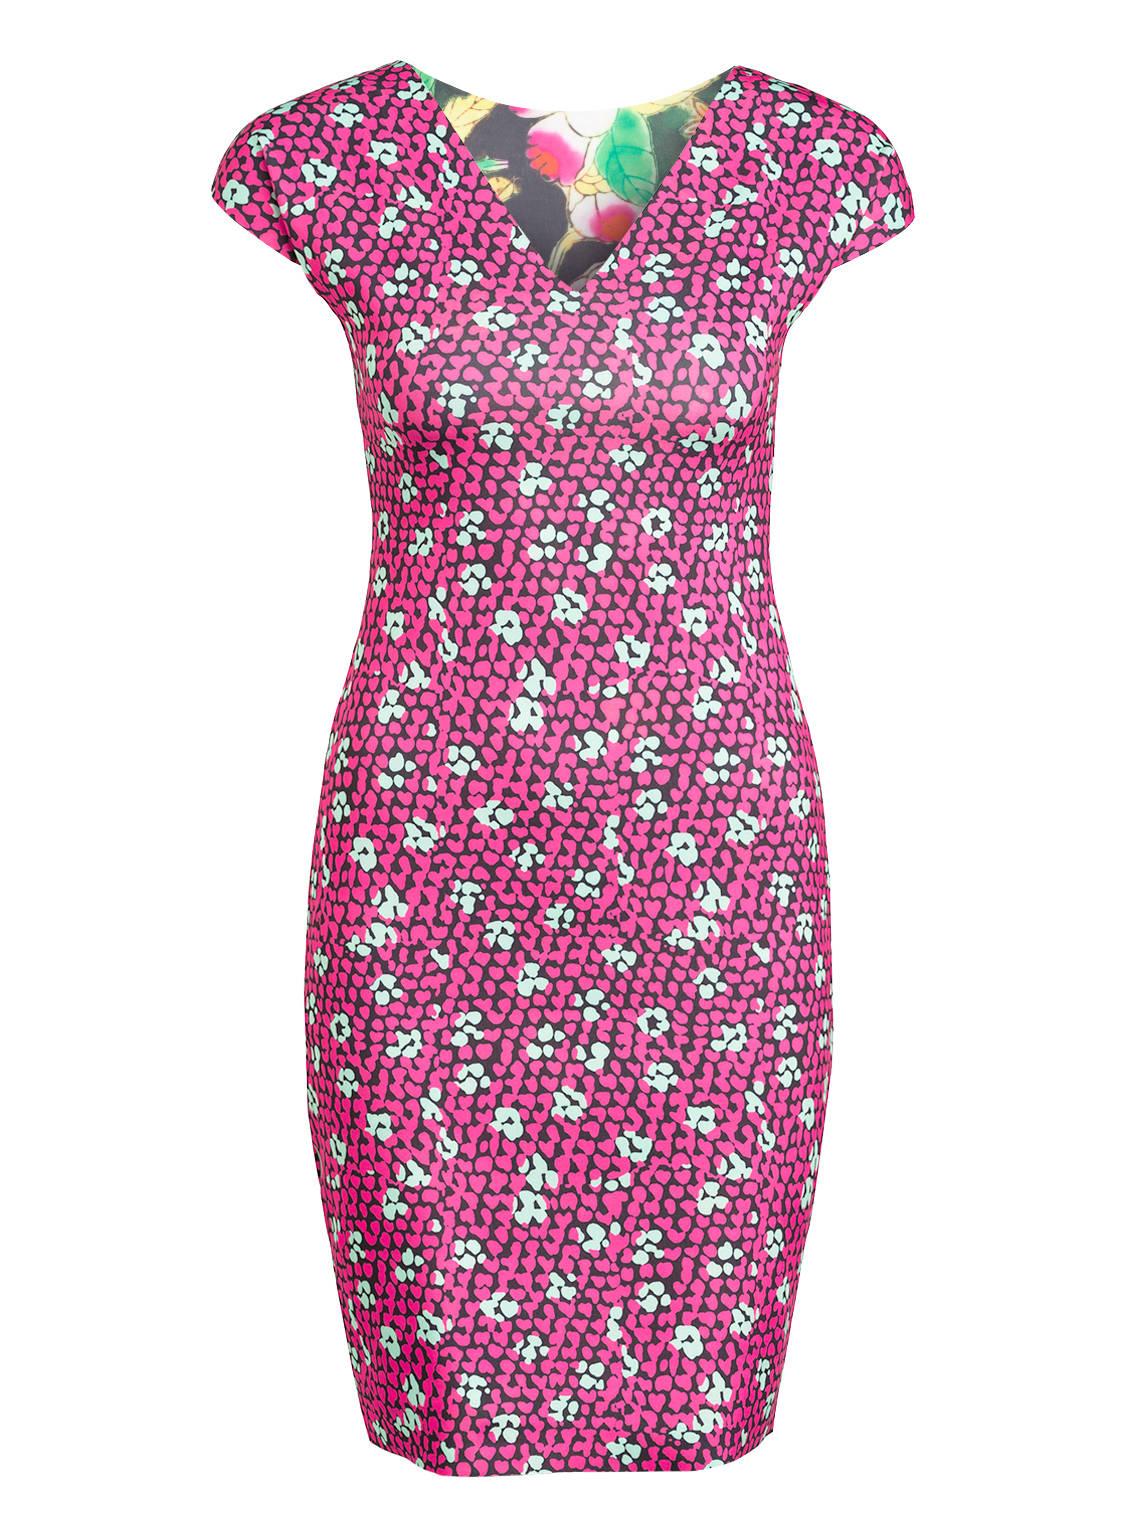 Image of Animapop Kleid Zum Wenden pink